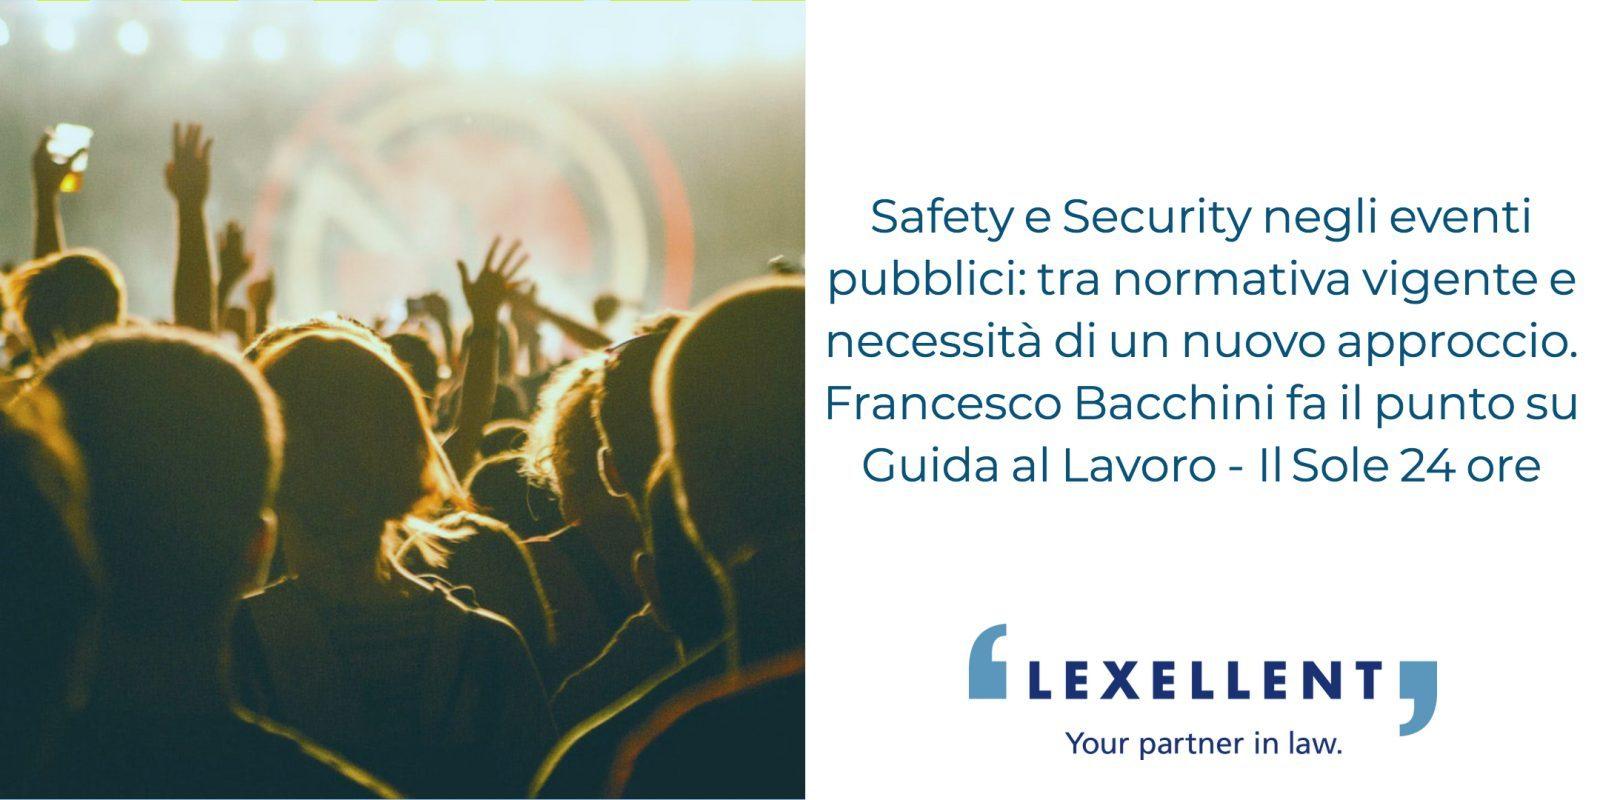 Spettacolo e manifestazioni pubbliche tra safety e security